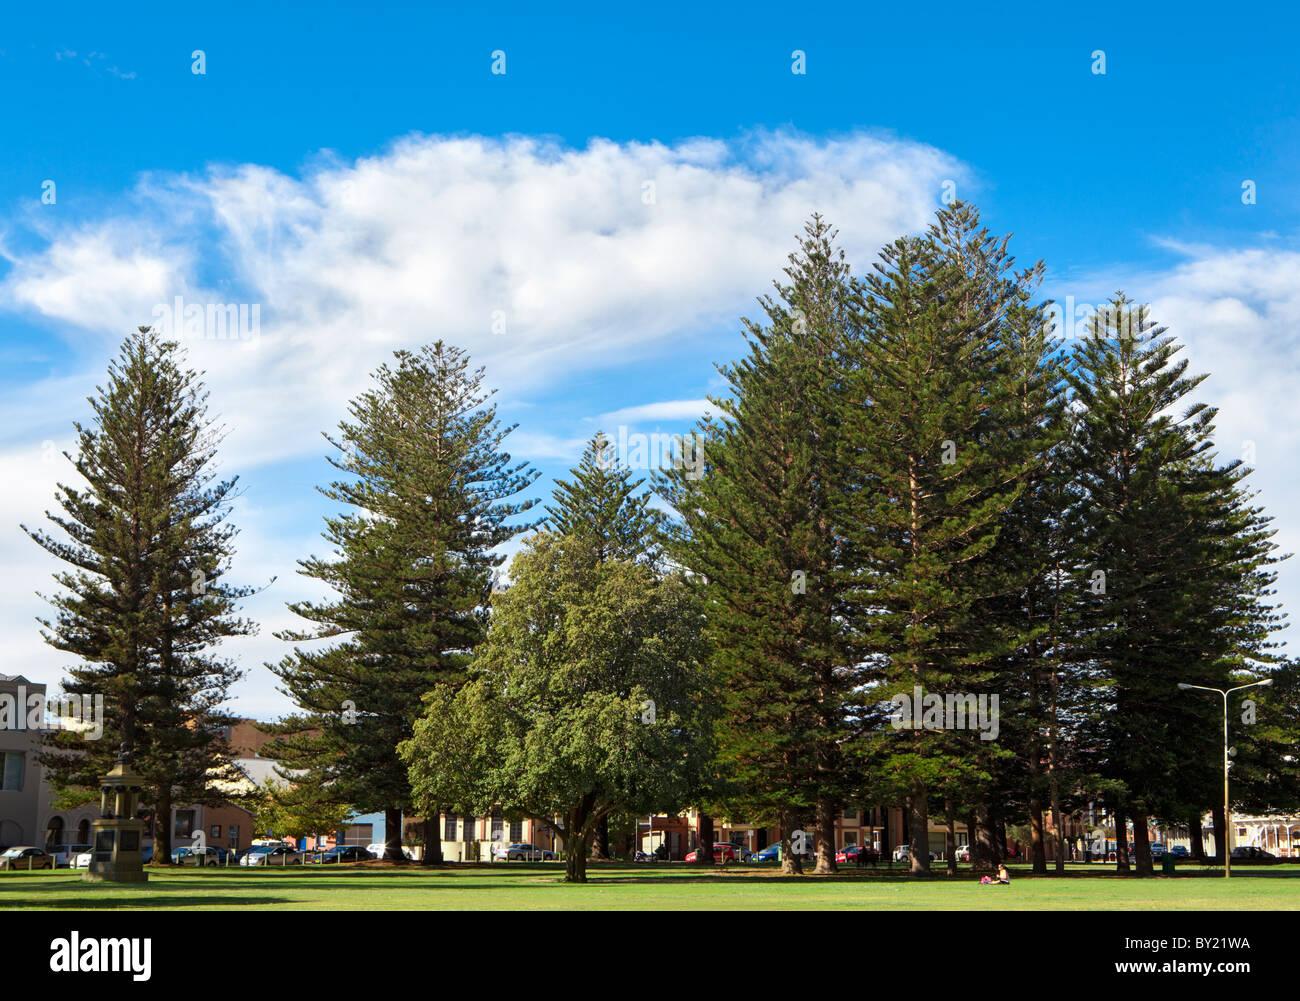 Norfolk Island Pines (Araucaria heterophylla) growing in The Esplanade Park in Fremantle, Perth, Western Australia - Stock Image